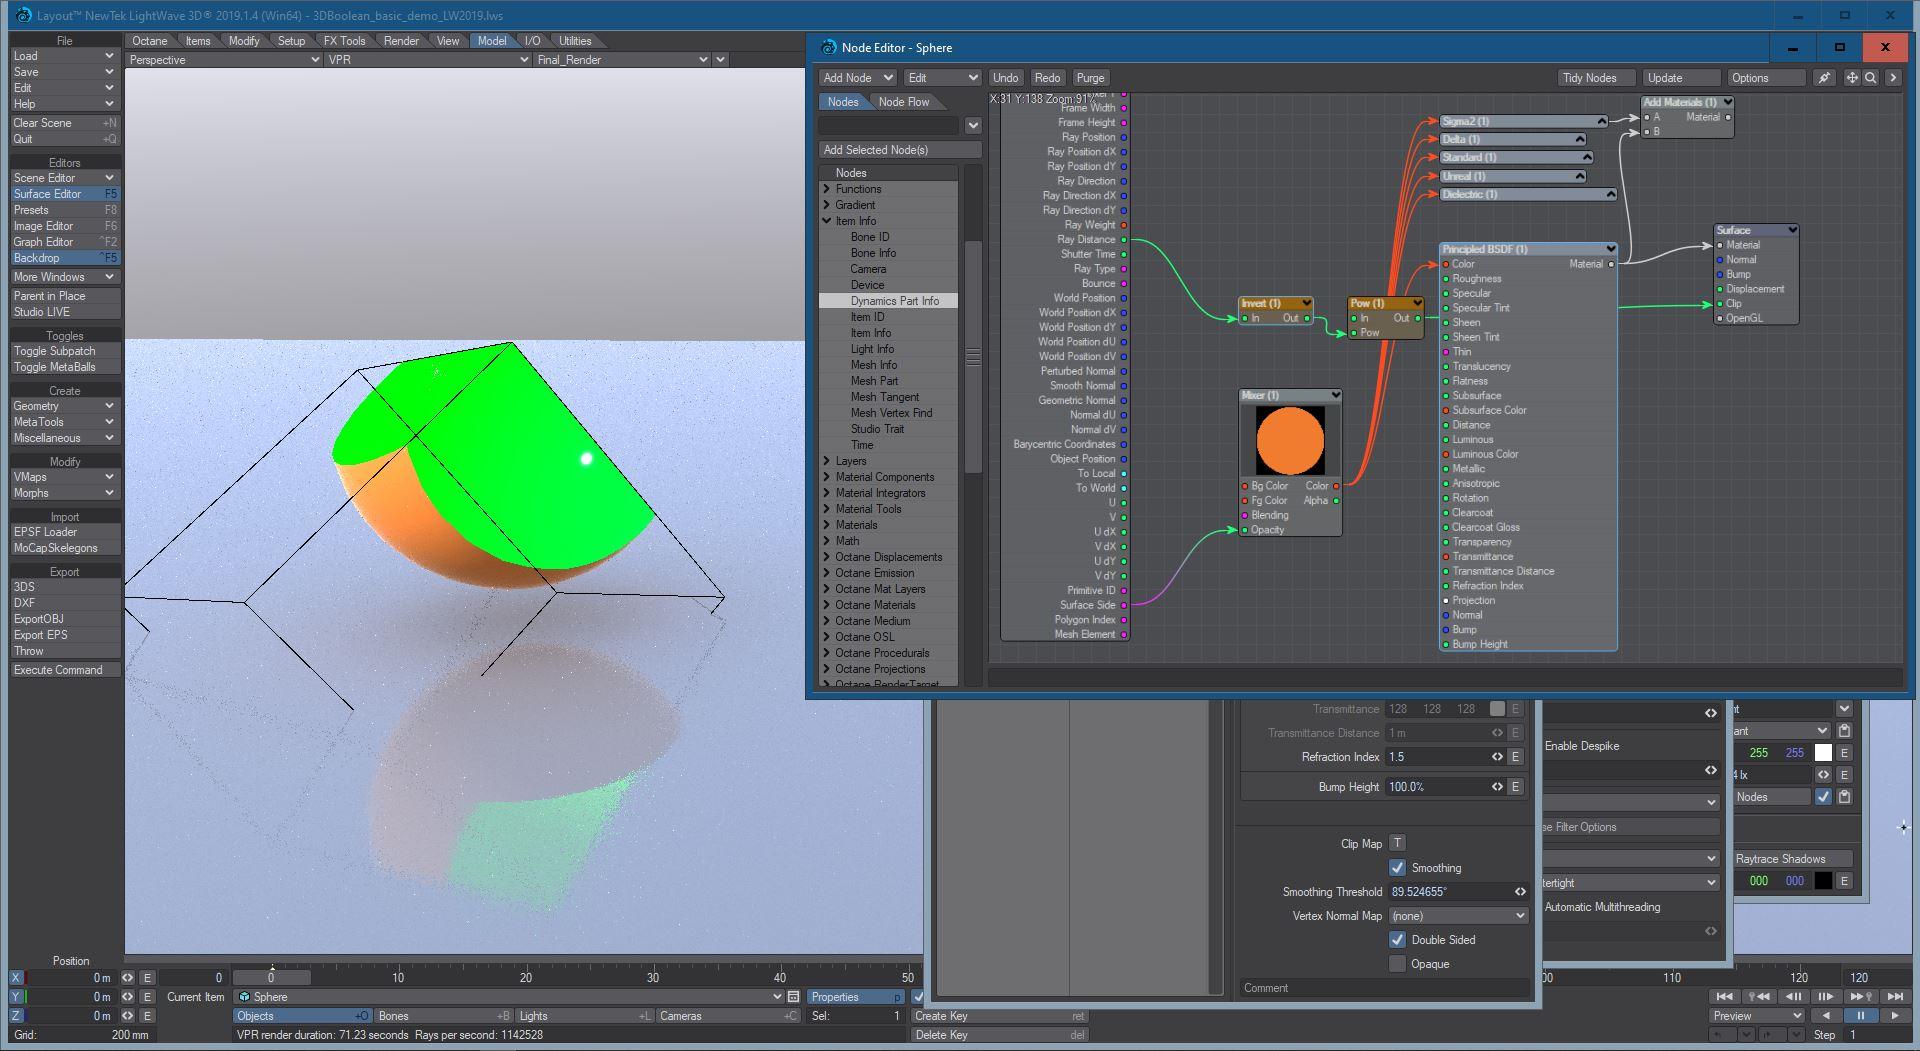 Nome: 2020-02-14 14_24_37-Layout™ NewTek LightWave 3D® 2019.1.4 (Win64) - 3DBoolean_basic_demo_LW2019..jpg Visite: 173 Dimensione: 262.1 KB